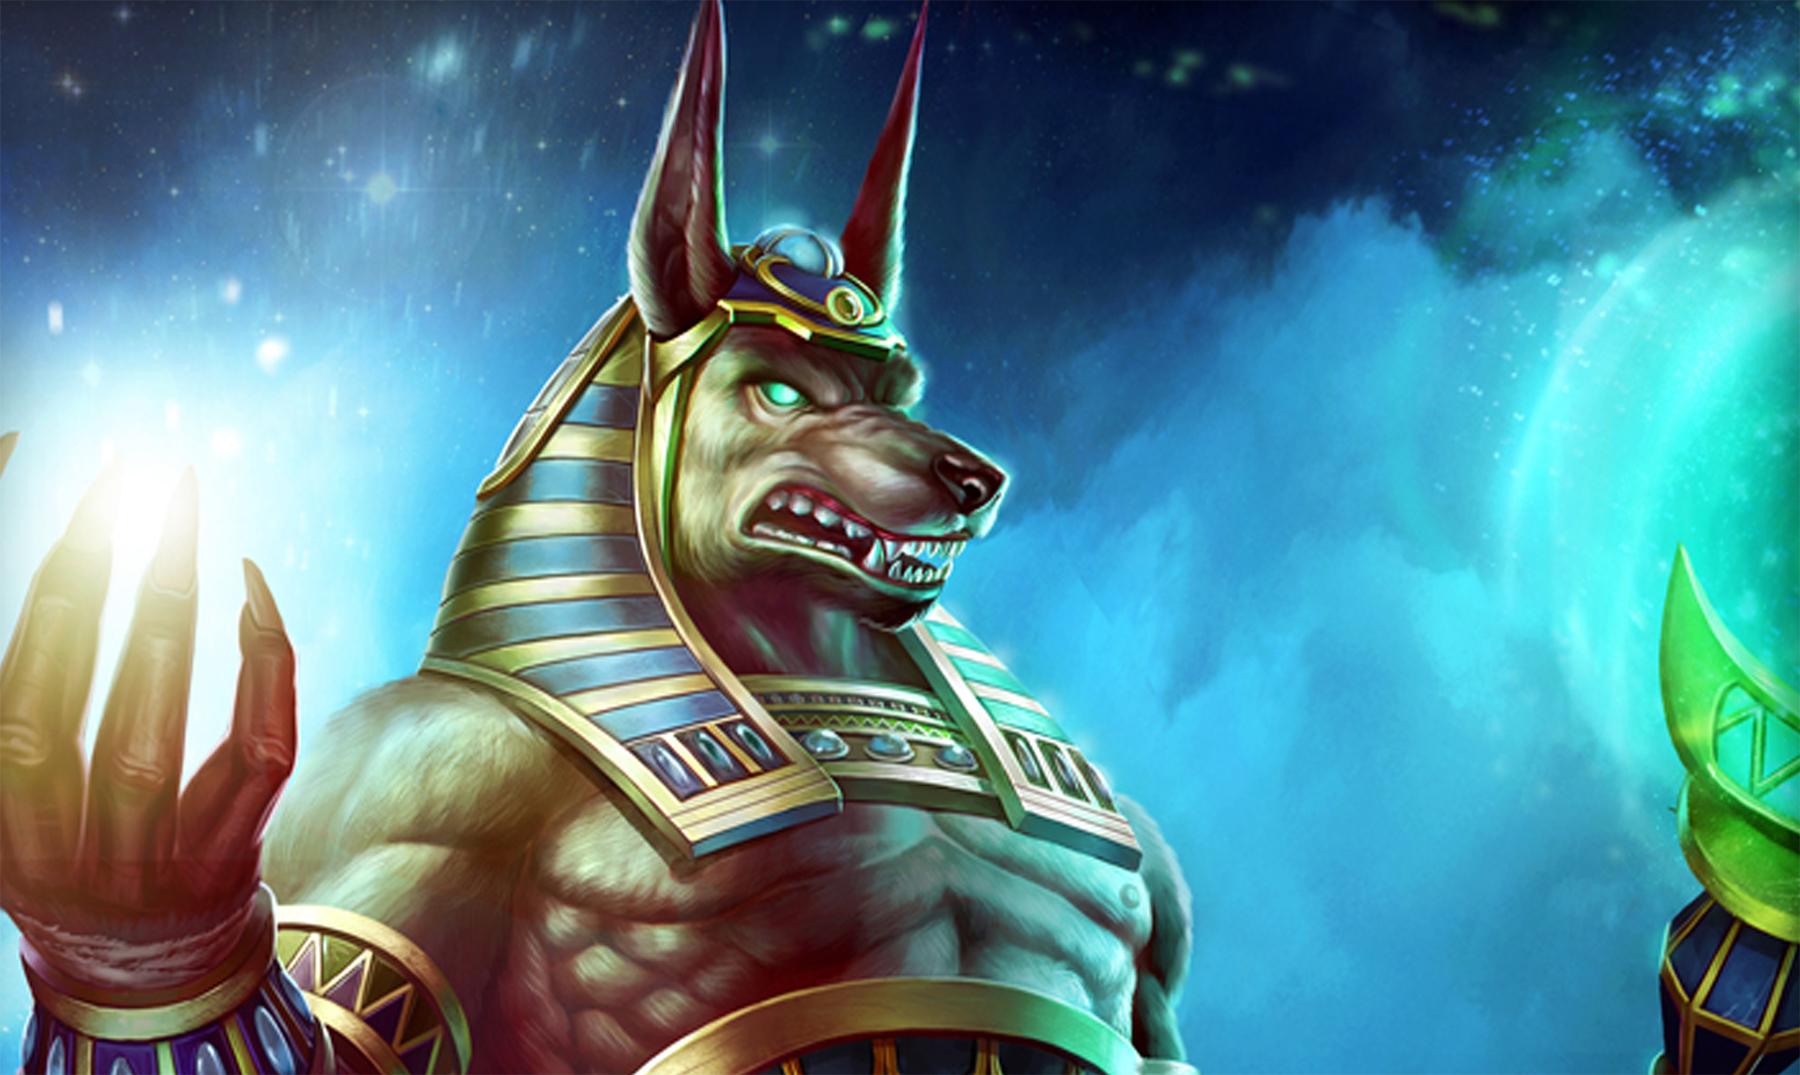 El dios egipcio de la muerte   3 curiosidades de Anubis y ...